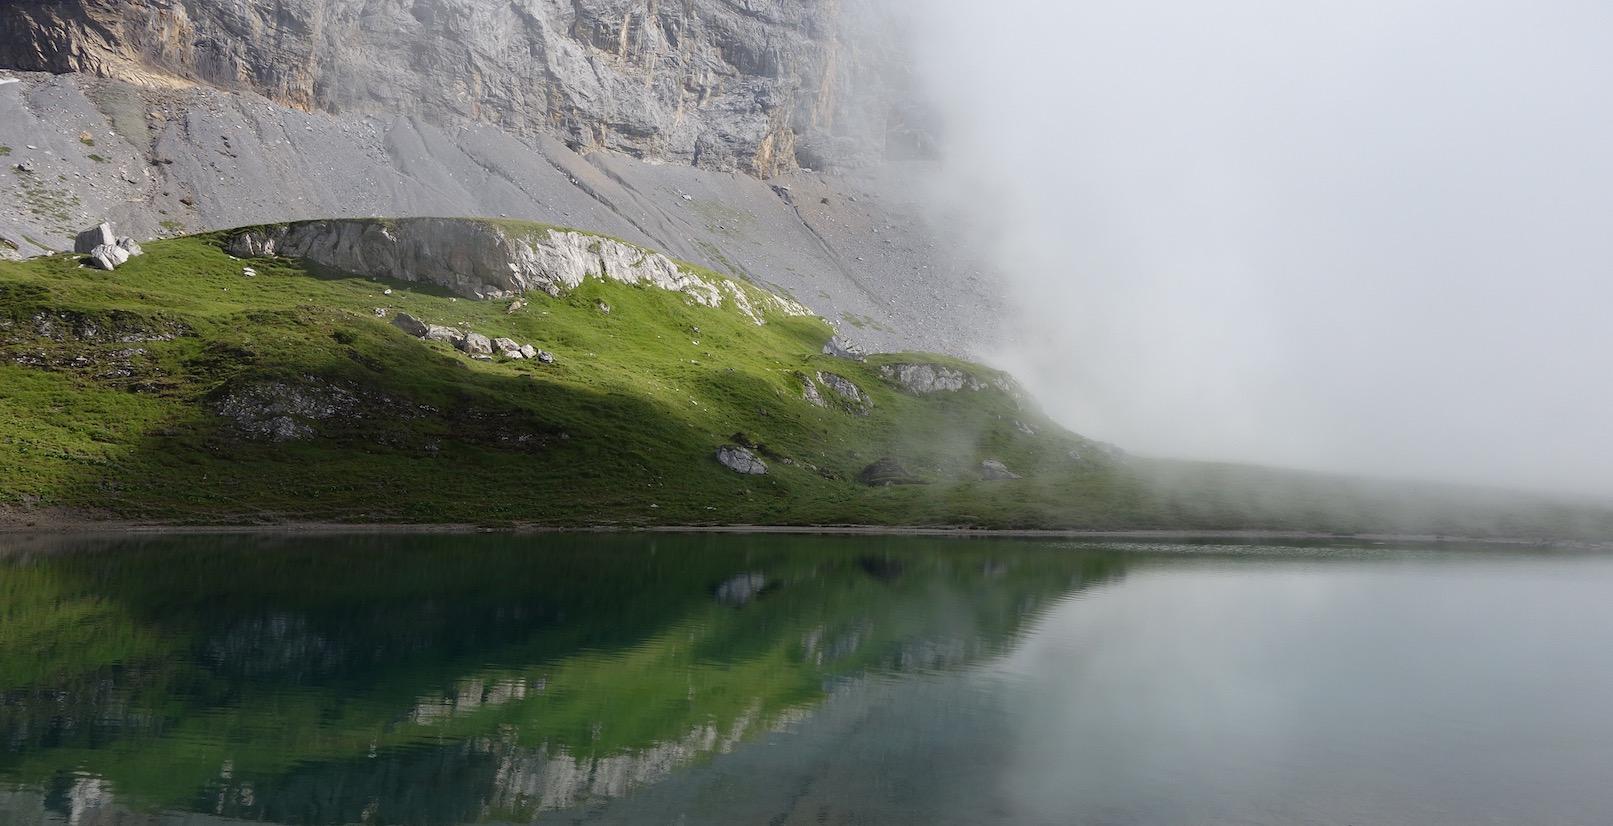 Herrliches Urnerland: Von den Chilcherbergen via Seewelisee und Seewlialp zur Sittlisalp